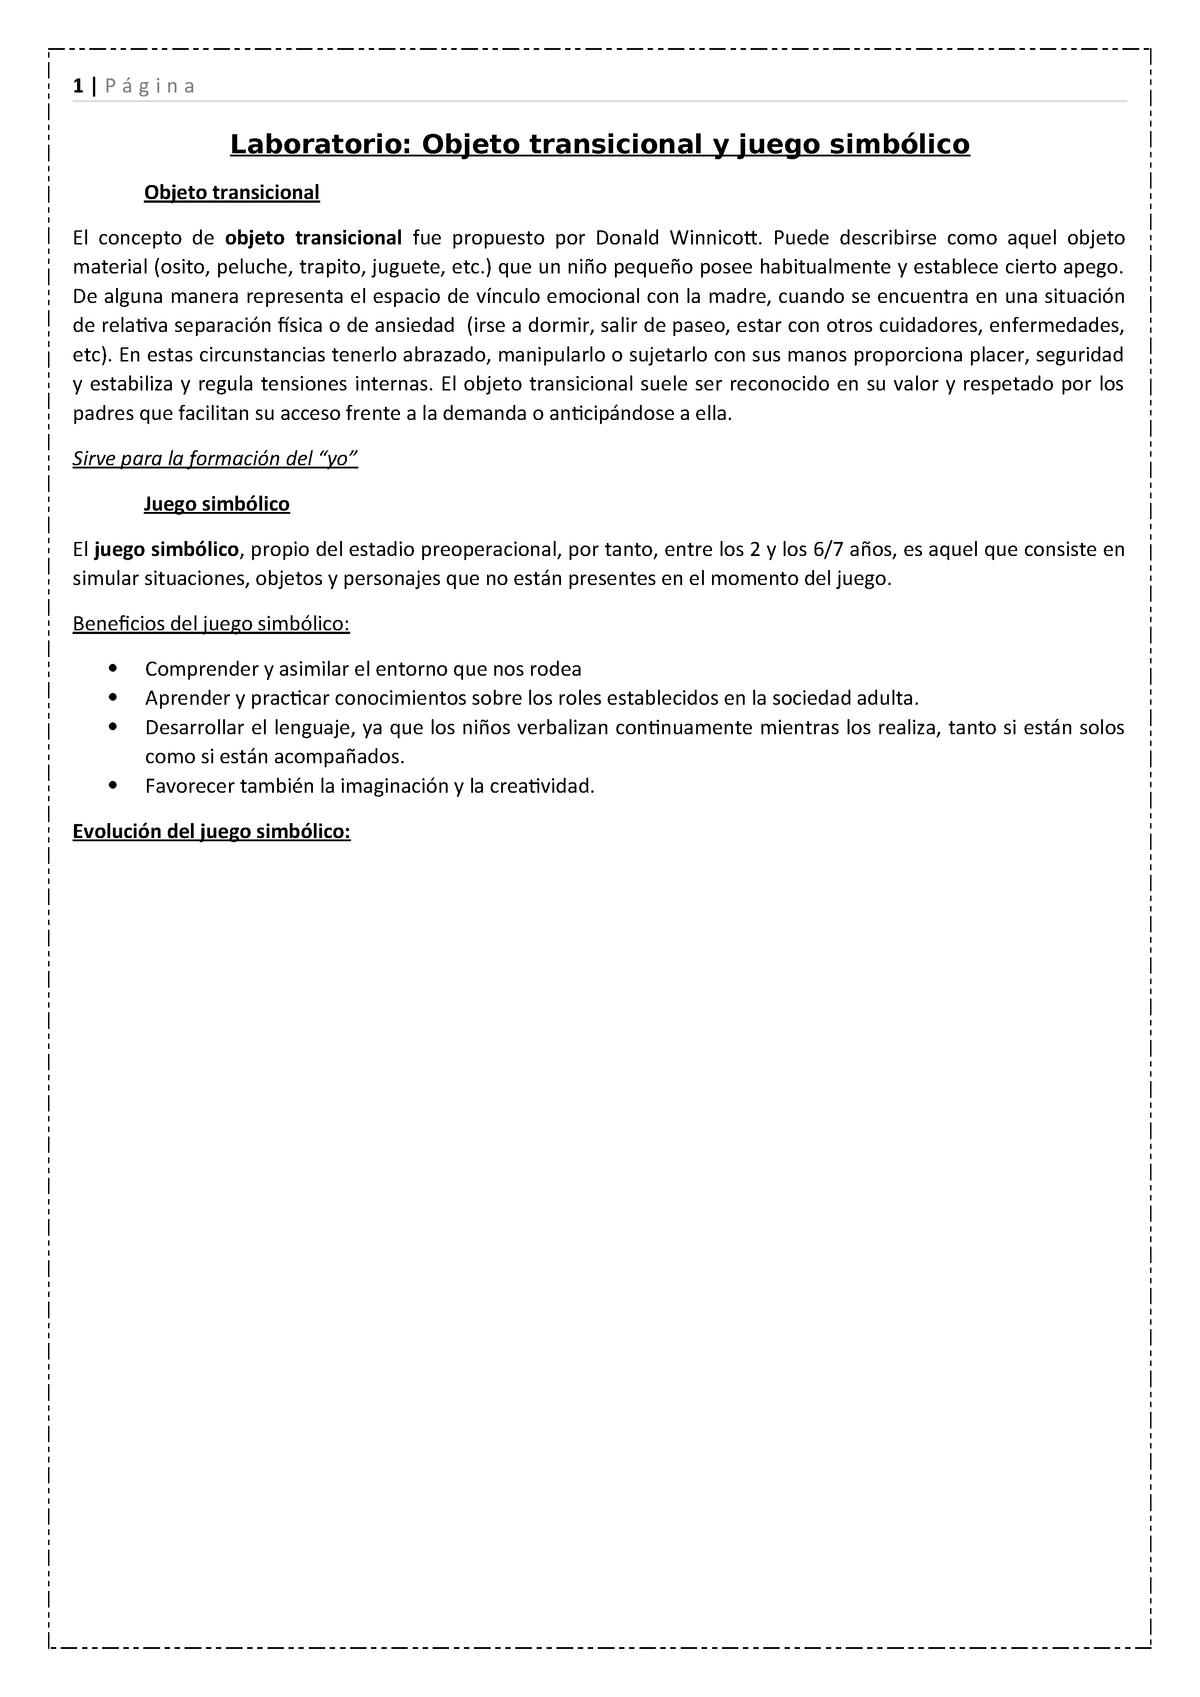 7 Ncd 14 9 Laboratorio Objeto Transicional Y Juego Simbólico 1362